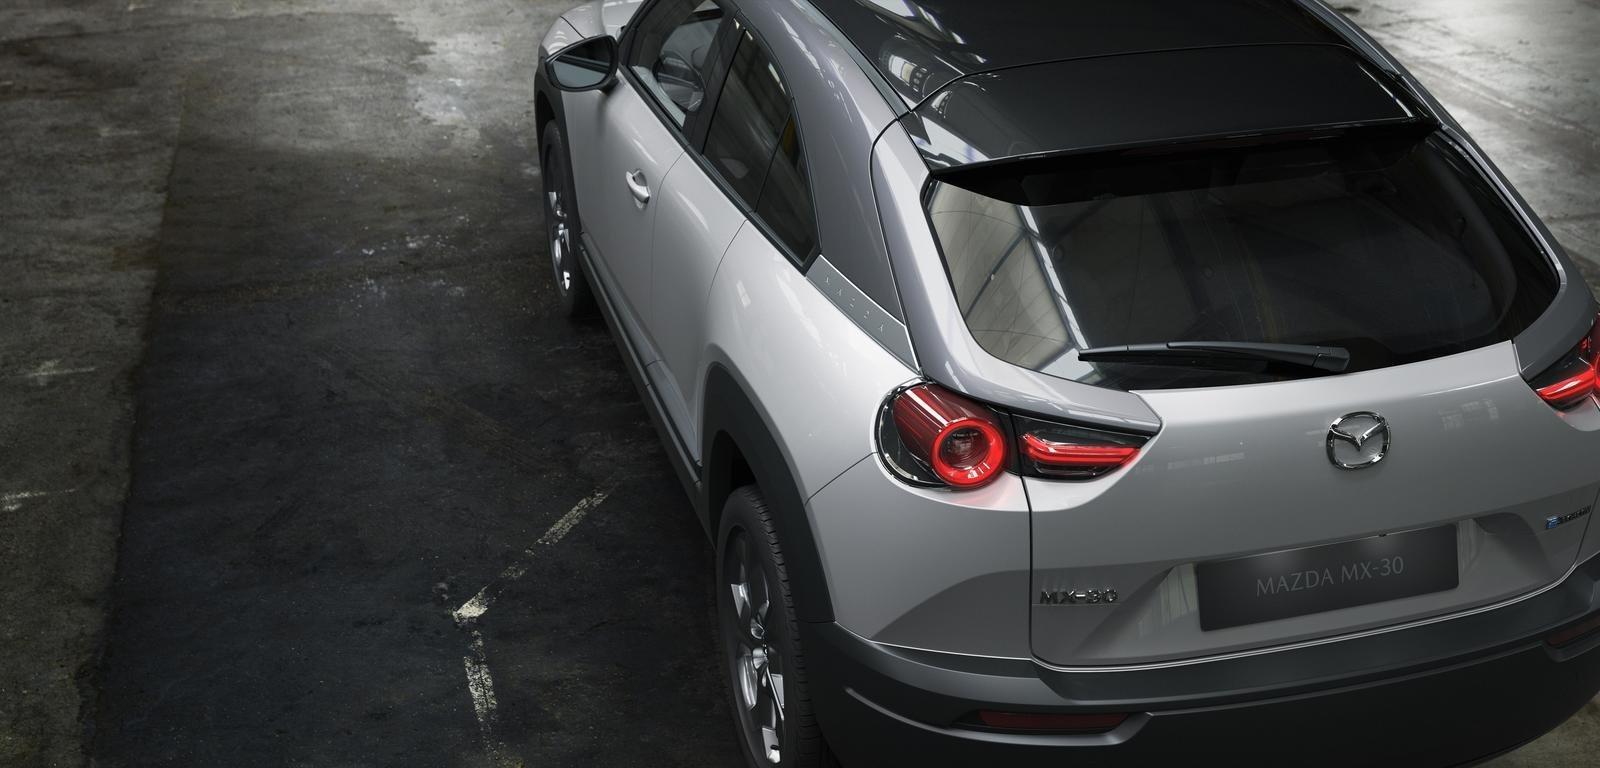 Đánh giá xe Mazda MX-30 2021 về đuôi xe: góc trên xe